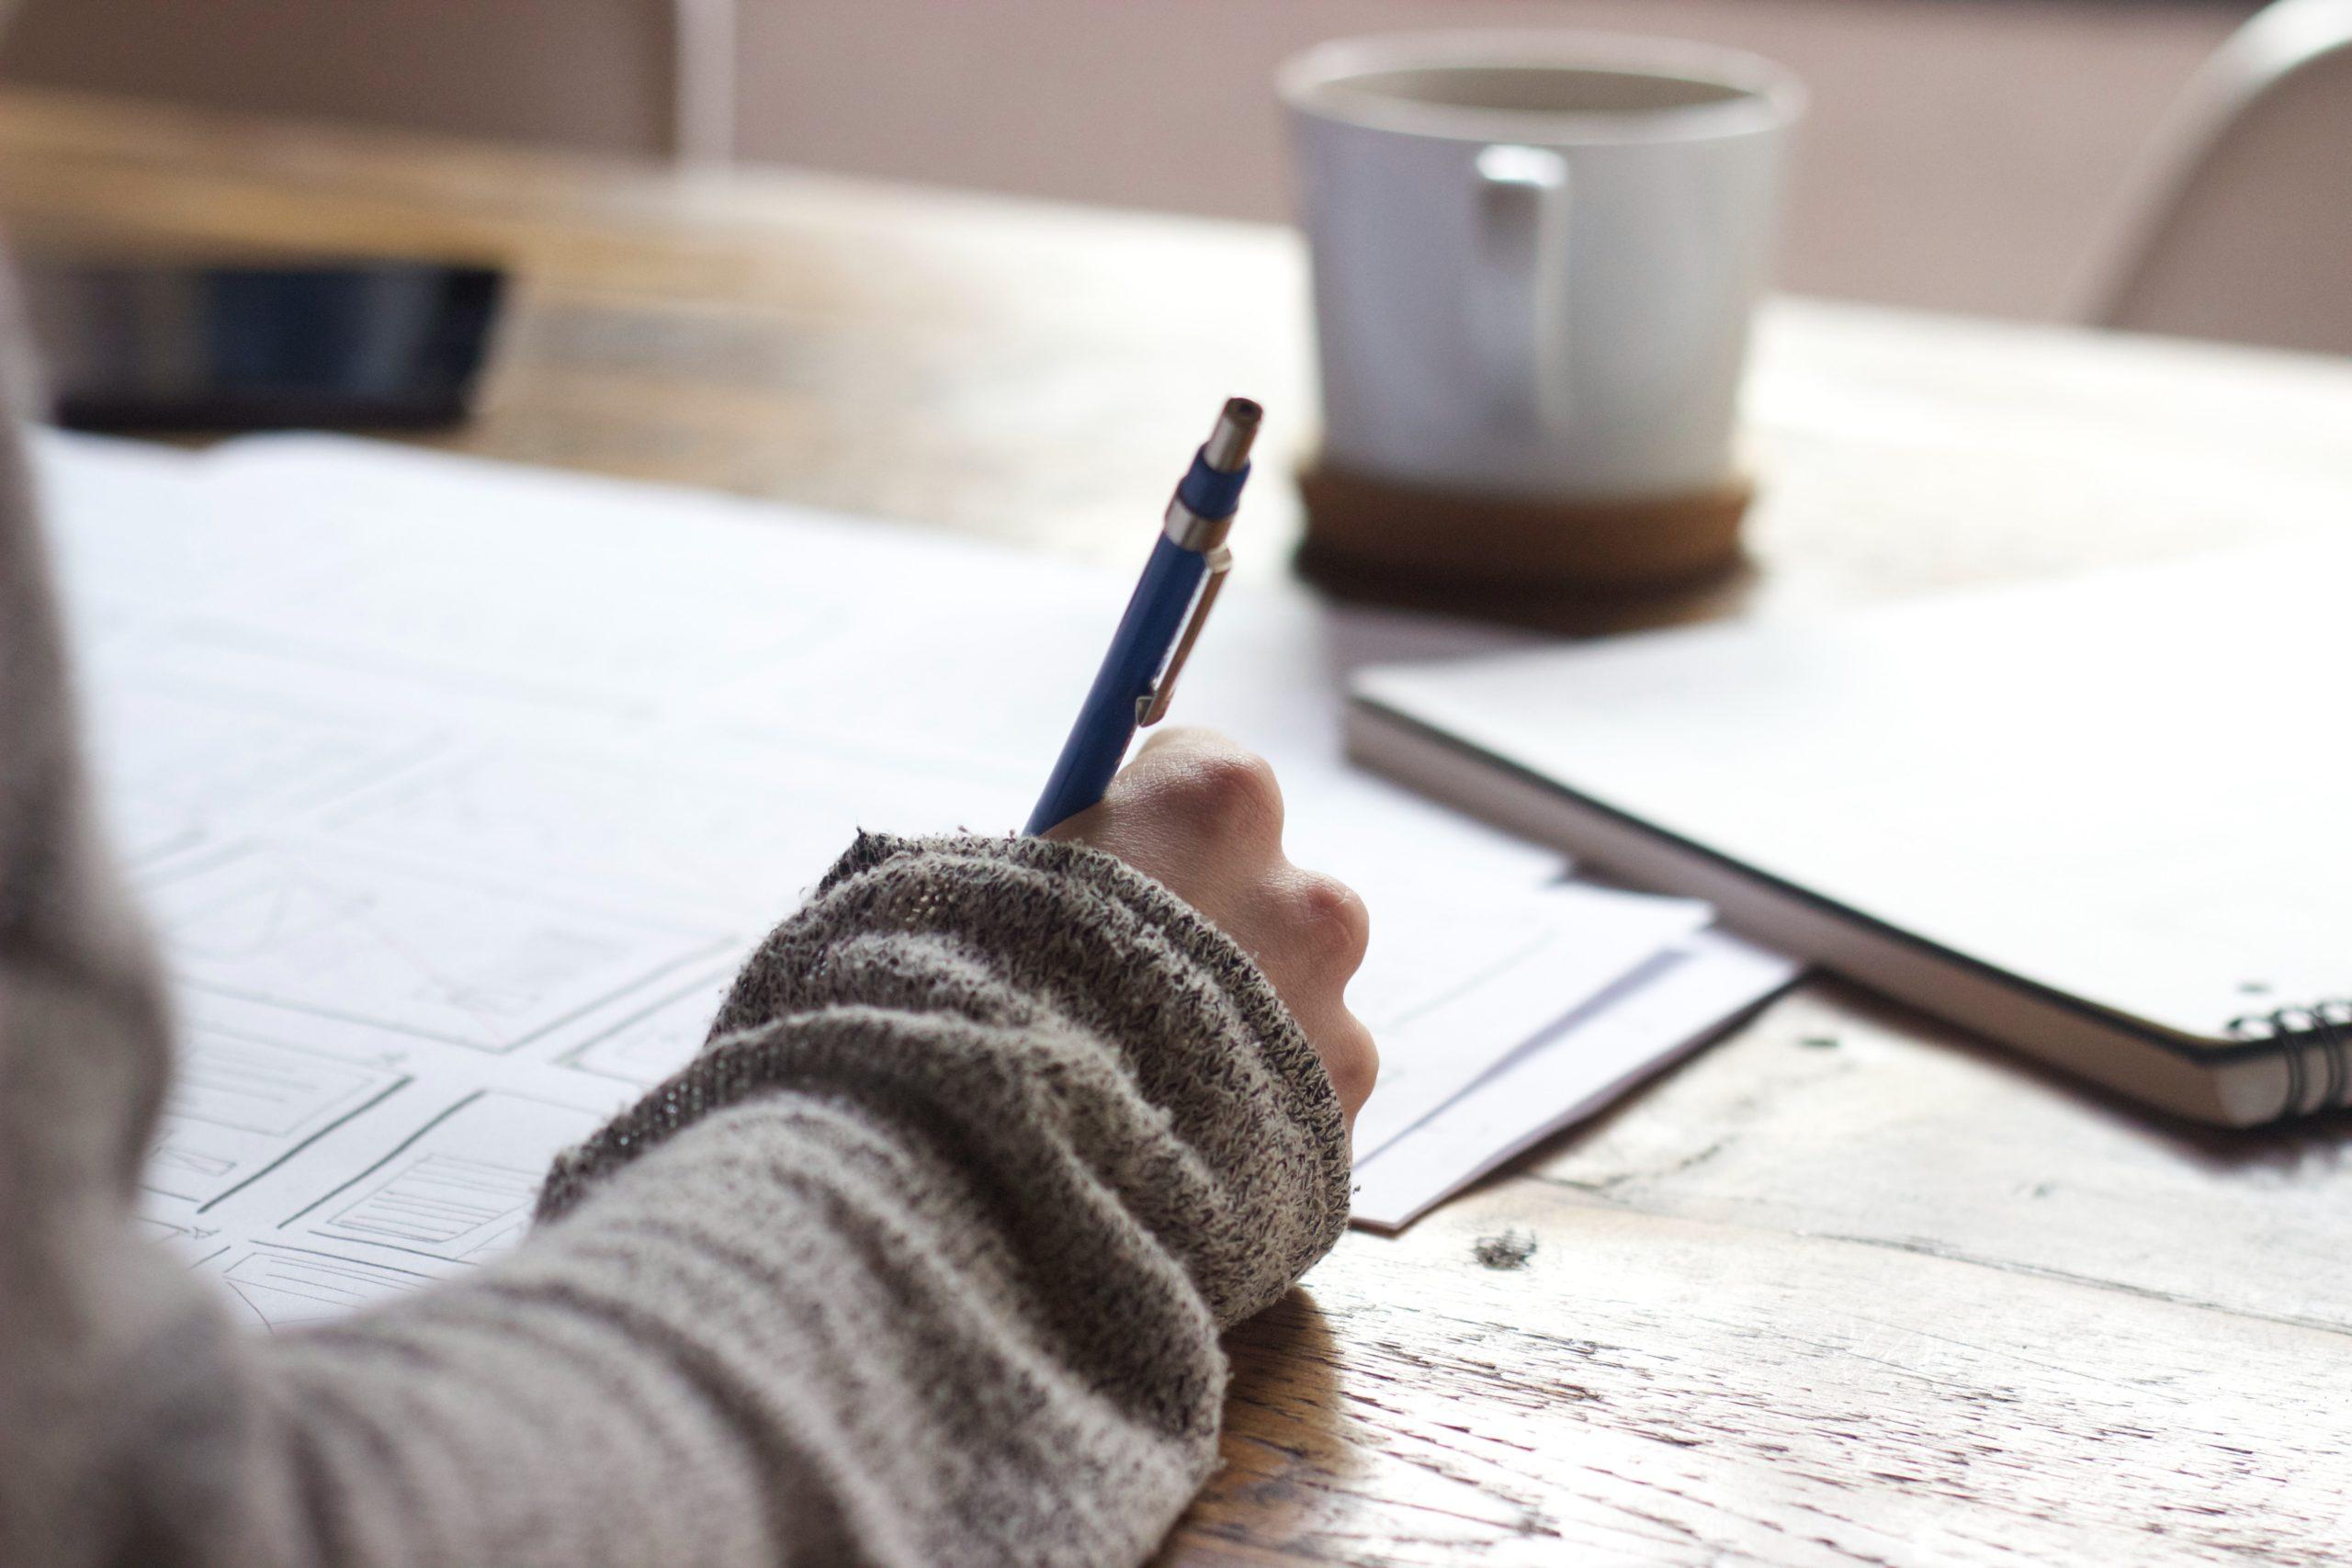 税理士のMBA受験記③ートップMBA合格に必要な10の資質